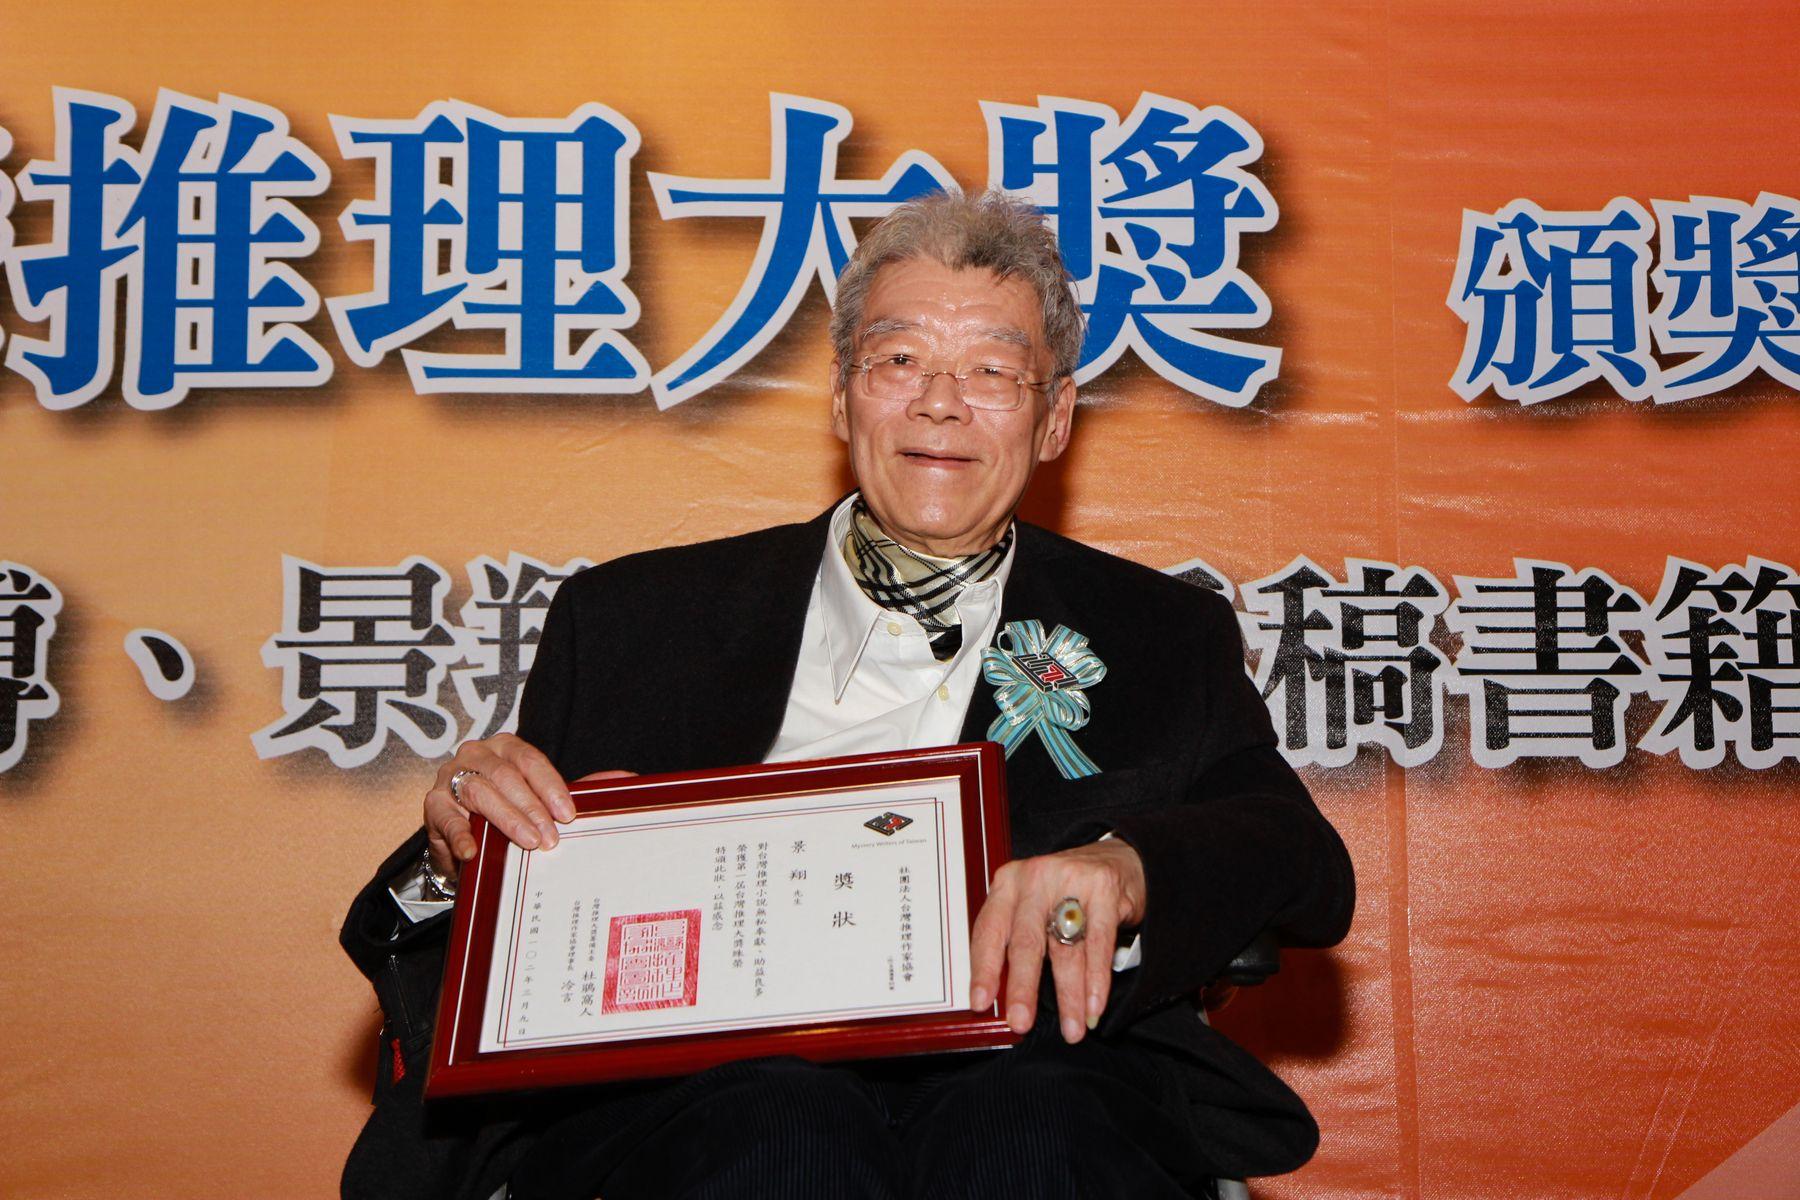 第一屆台灣推理大獎_景翔獲獎